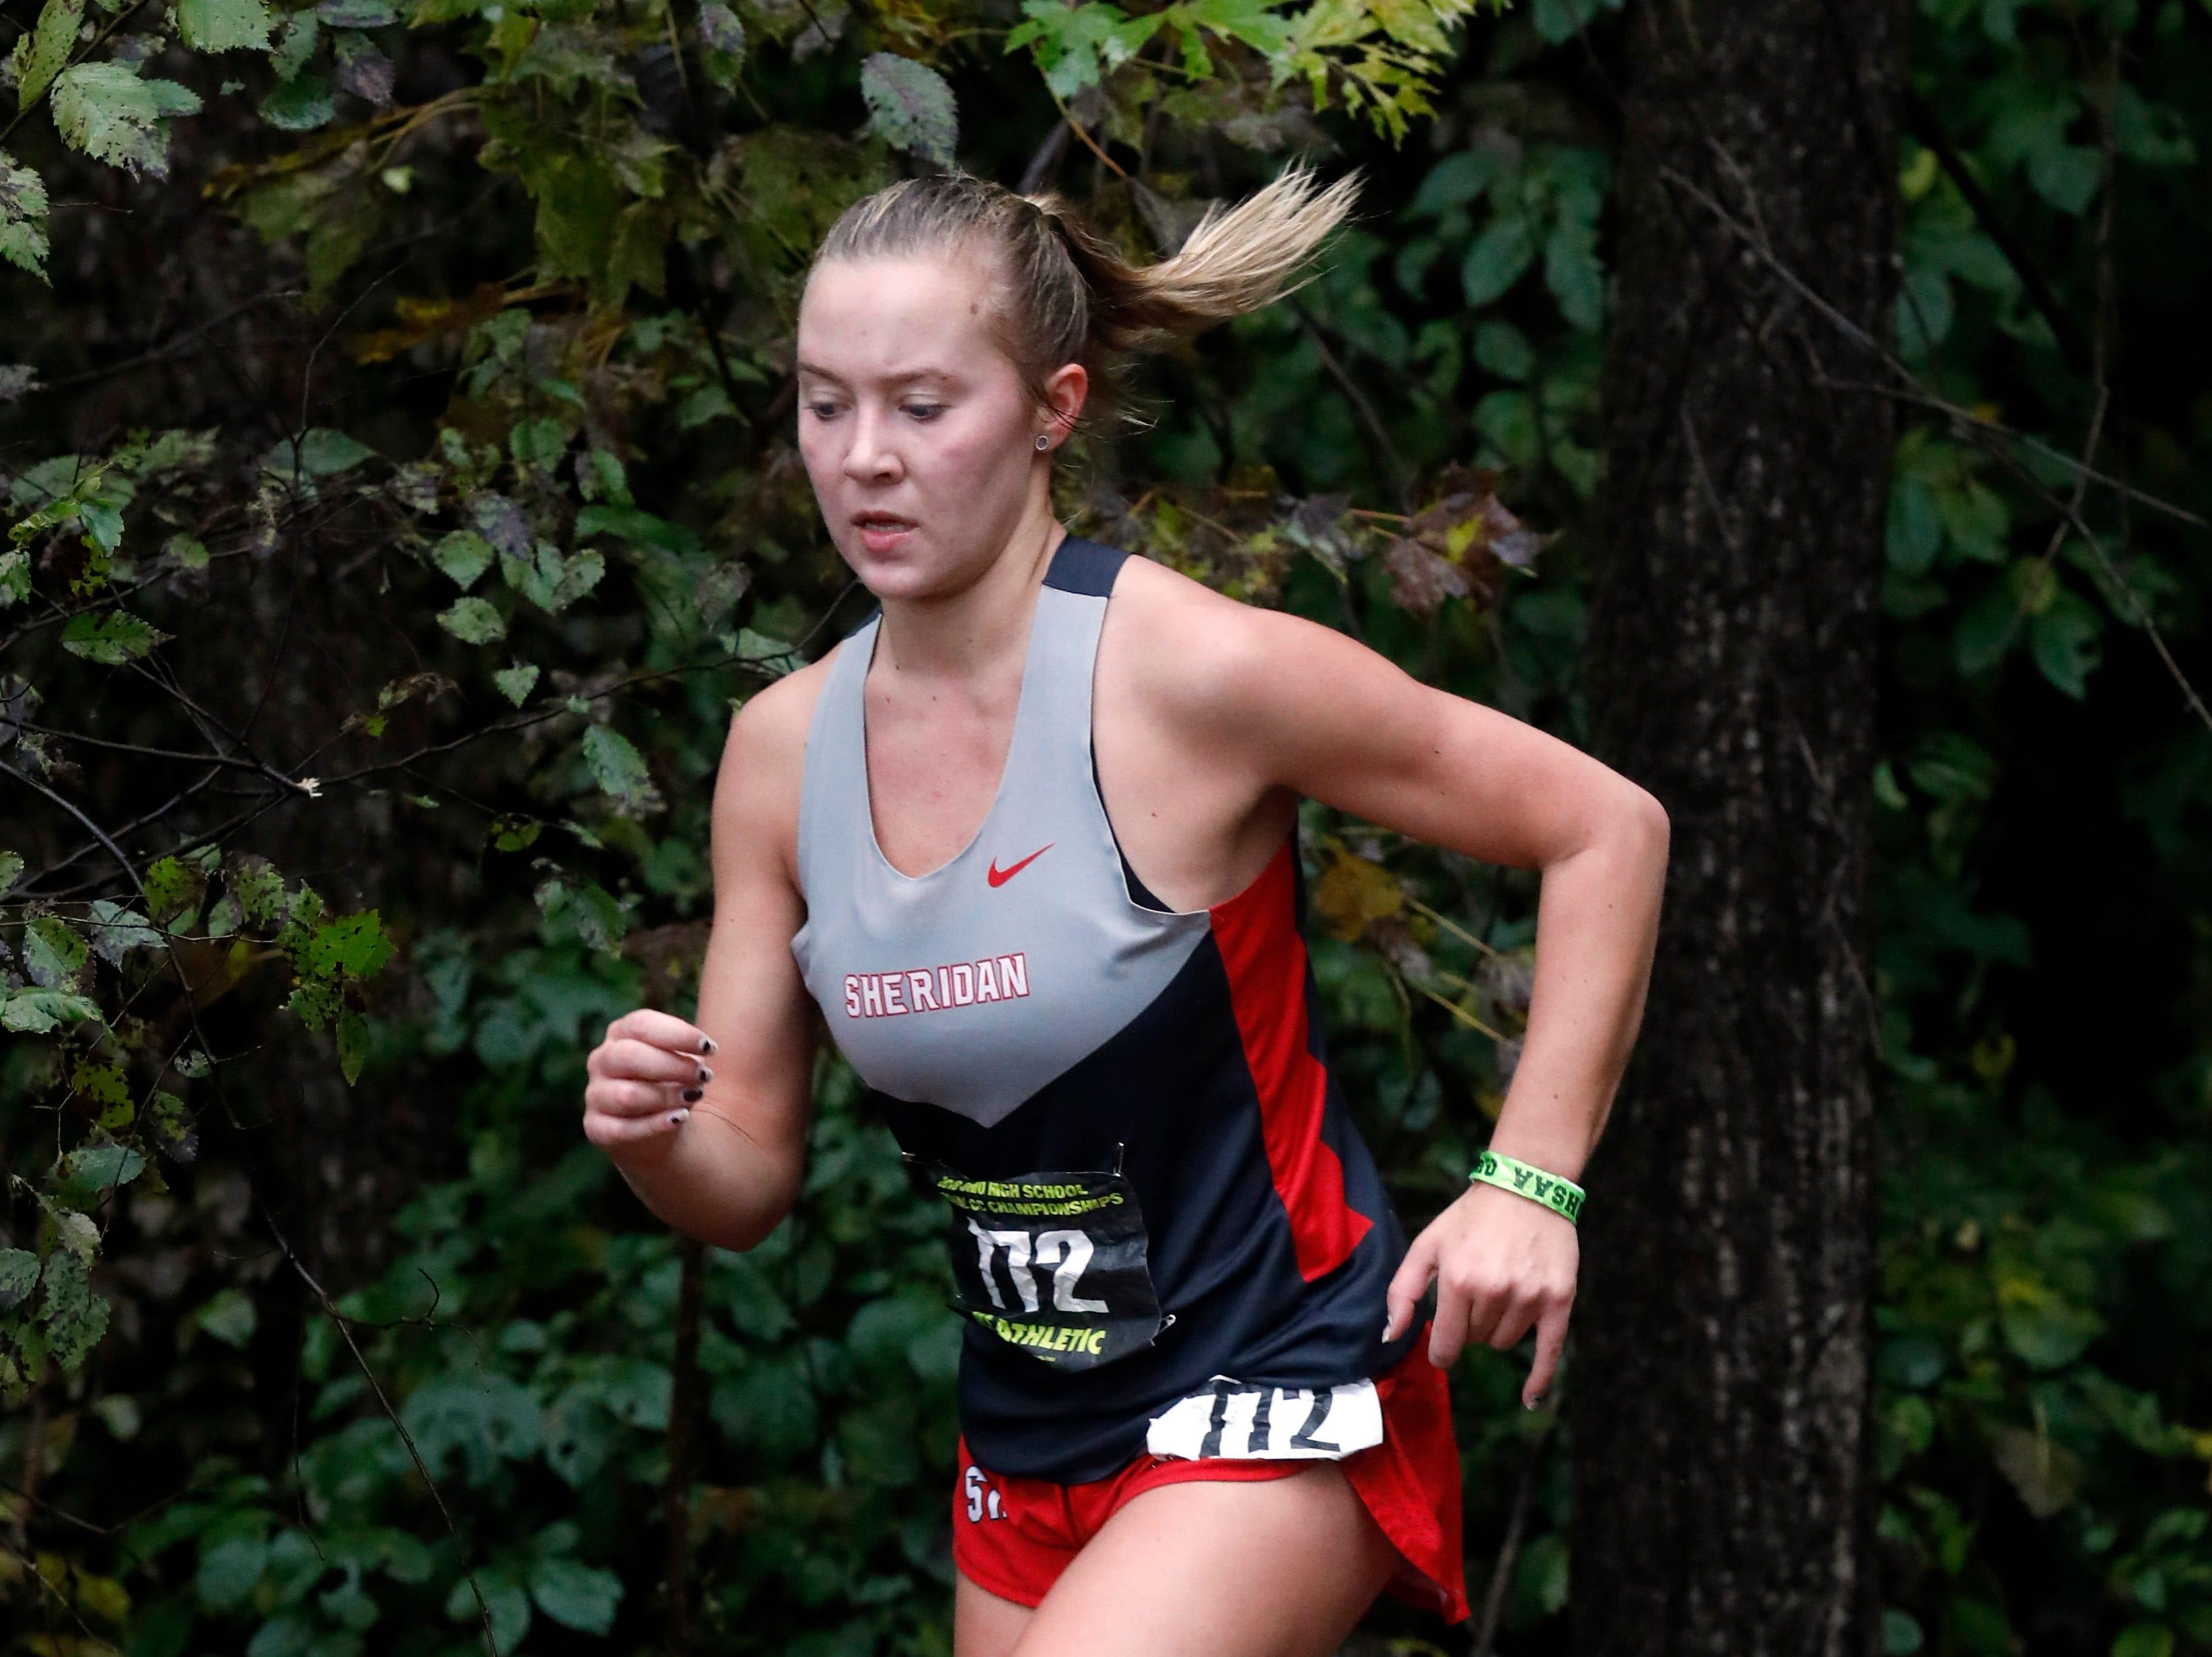 Sheridan's Sarah Snider runs in the Regional Cross Country meet Saturday, Oct. 27, 2018, at Pickerington North High School in Pickerington.